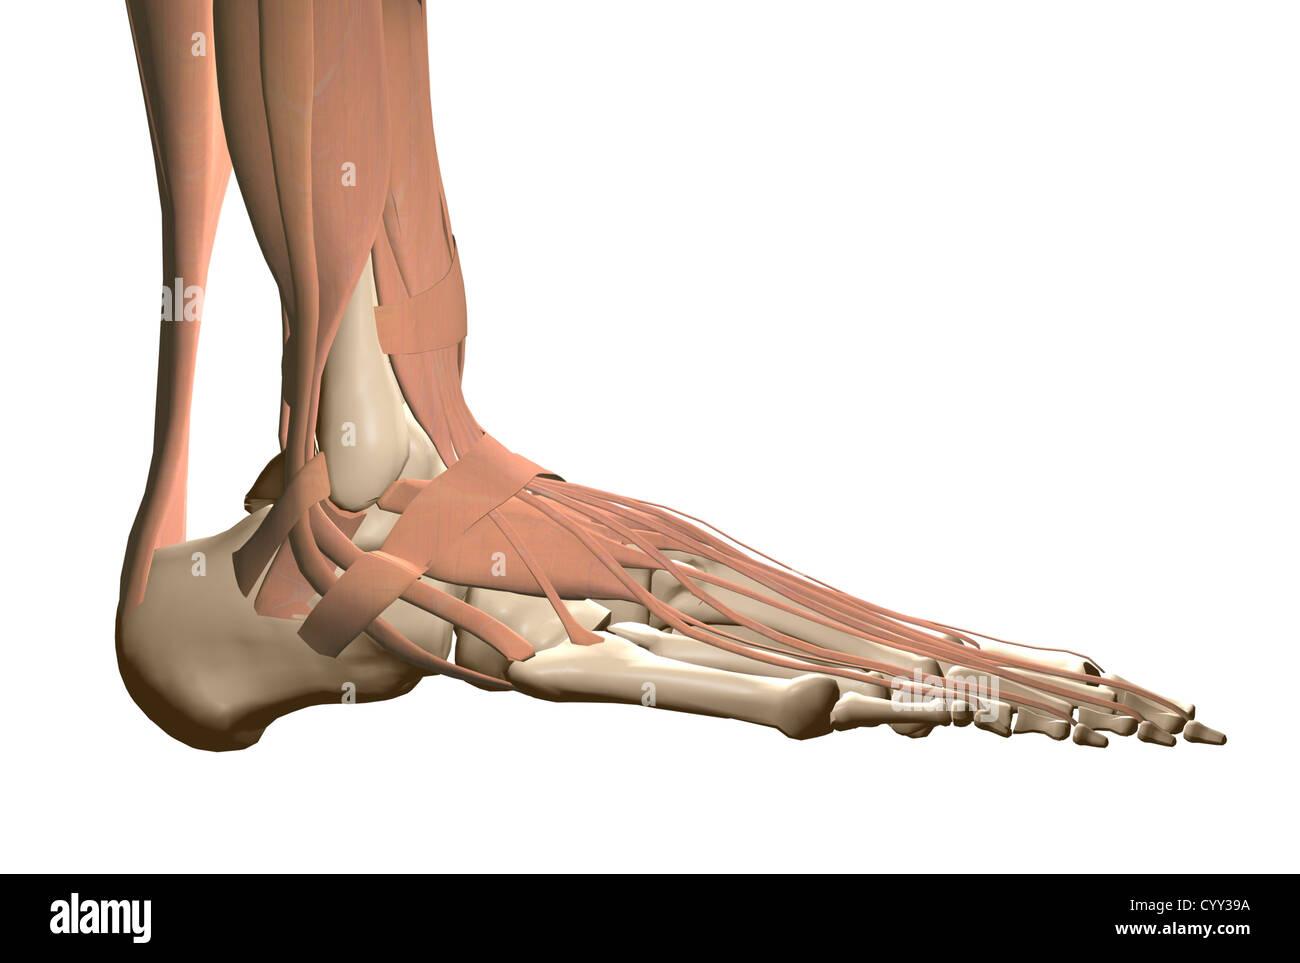 Anatomie des menschlichen Fußes Stockfoto, Bild: 51611766 - Alamy